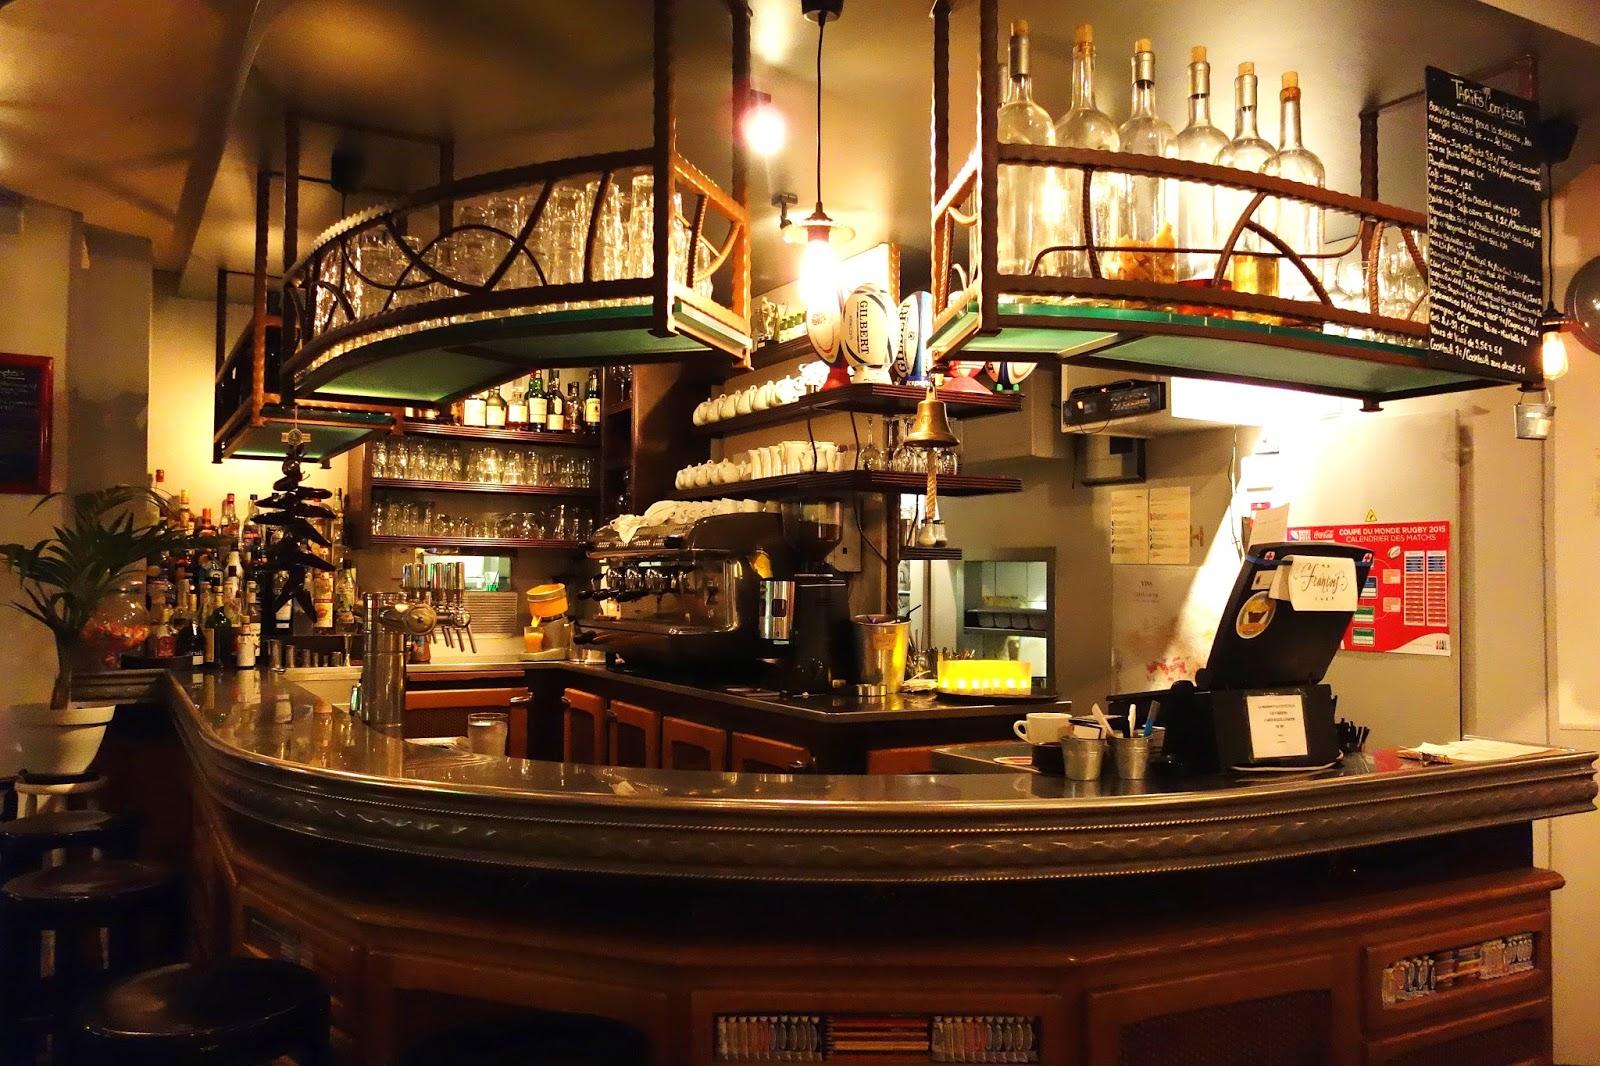 Mes adresses le comptoir des arts bistronomie g n reuse et bienveillante 100 rue monge - Comptoir des cotonniers paris stores ...